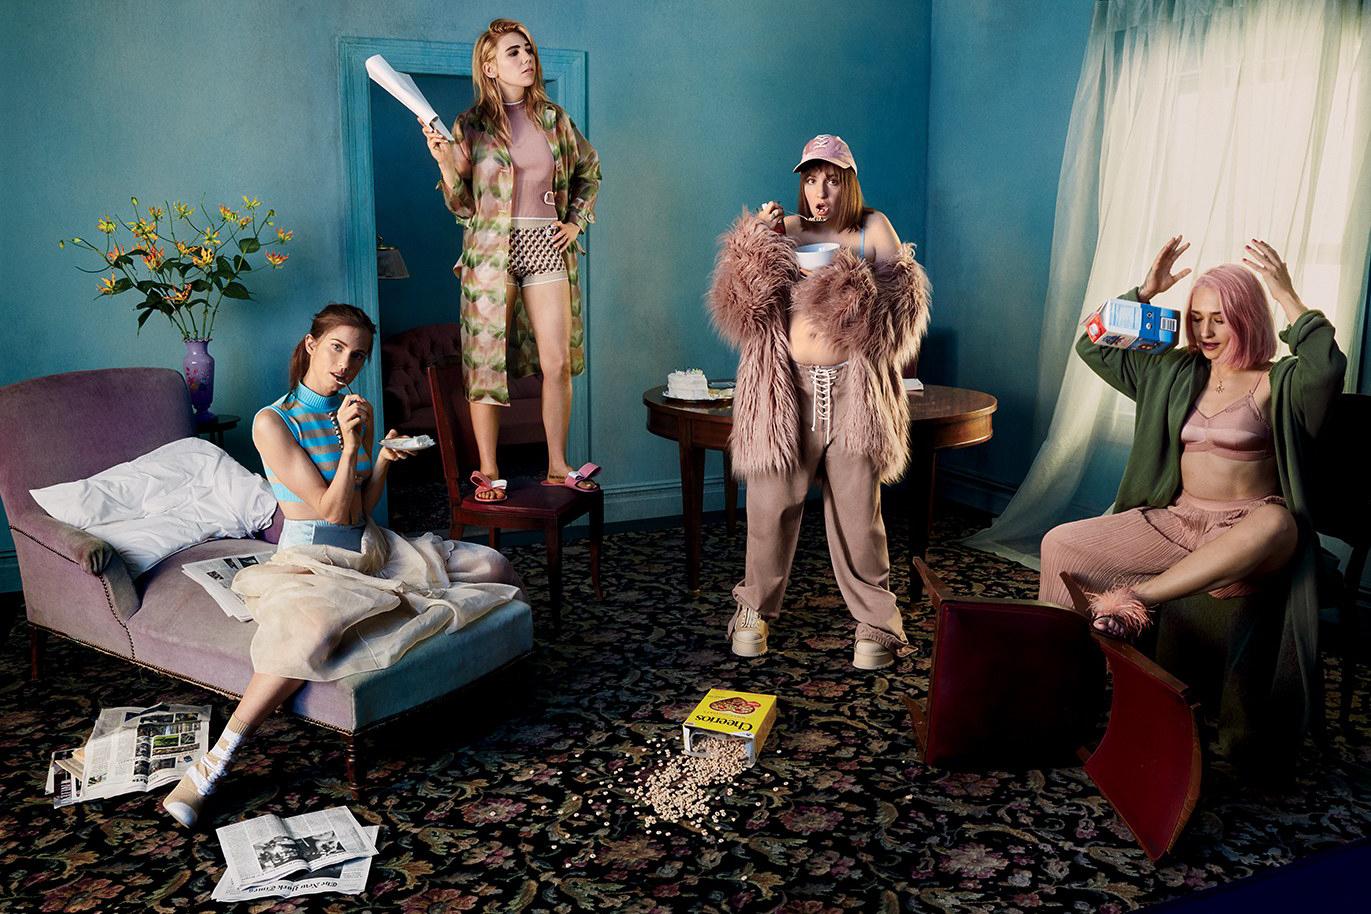 Lena Dunham Girls Glamour Magazine Zosia Mamet - 77516